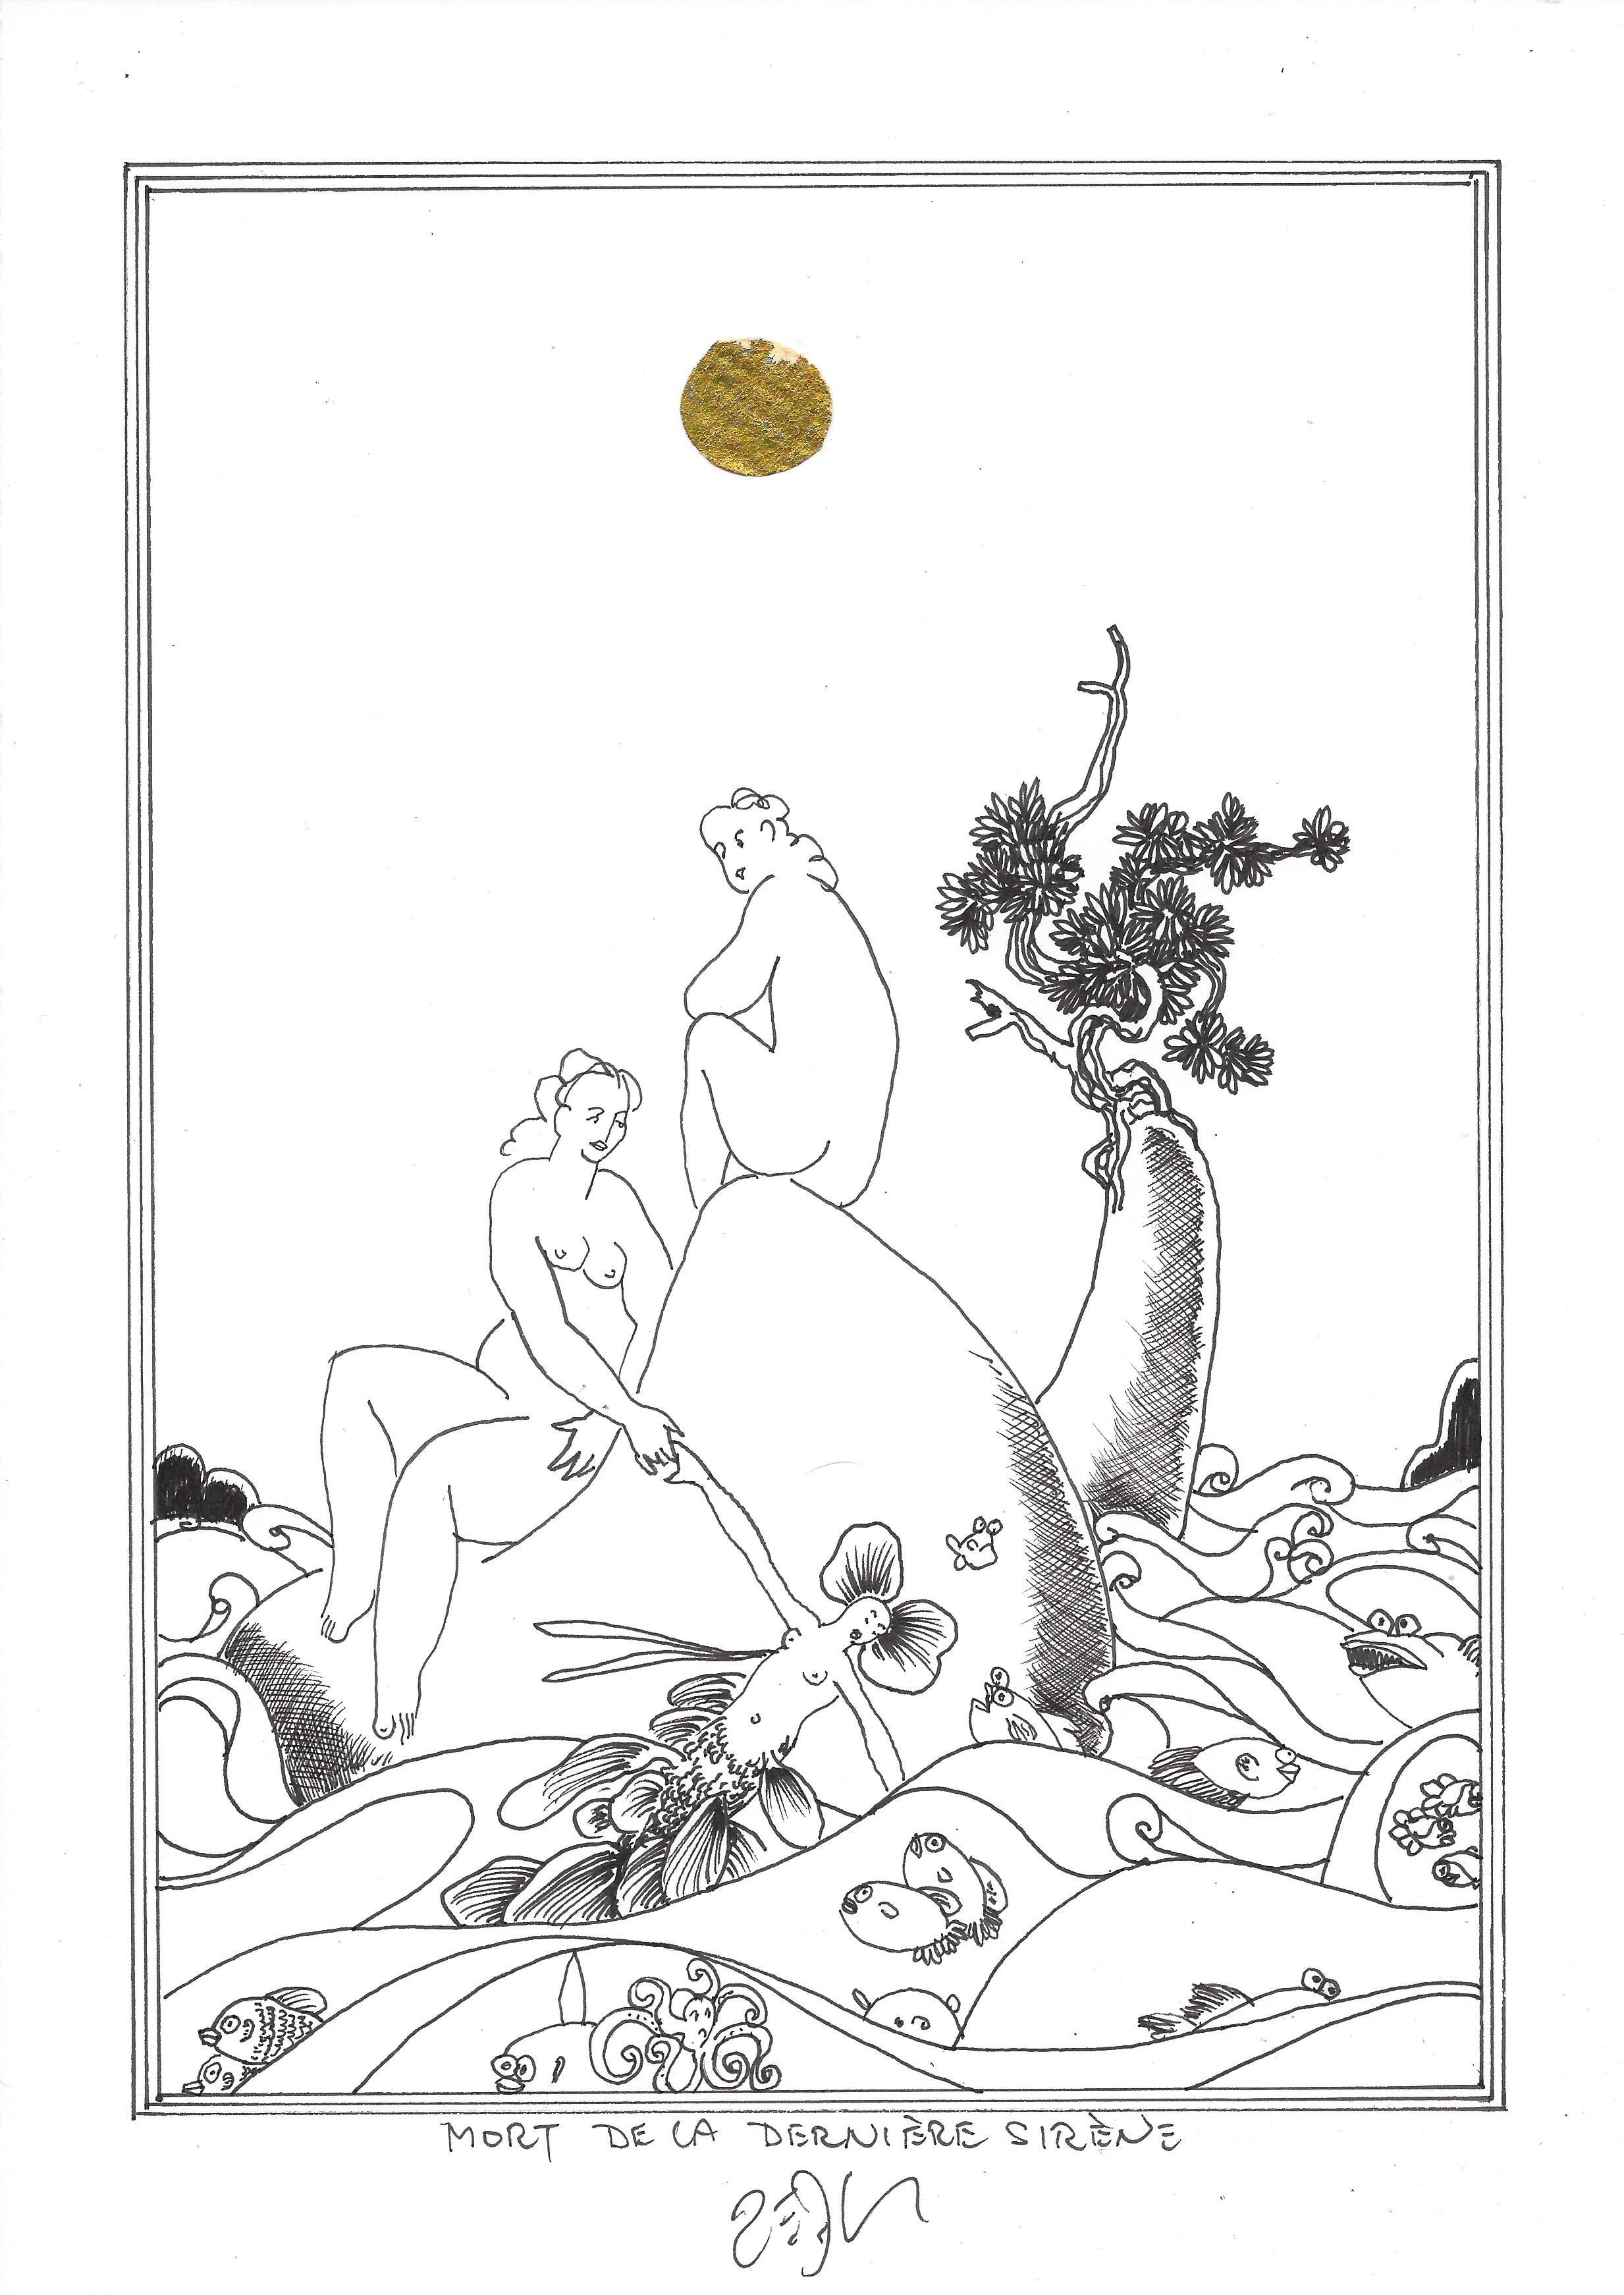 « Death of the last mermaid – Mort de la dernière sirène »